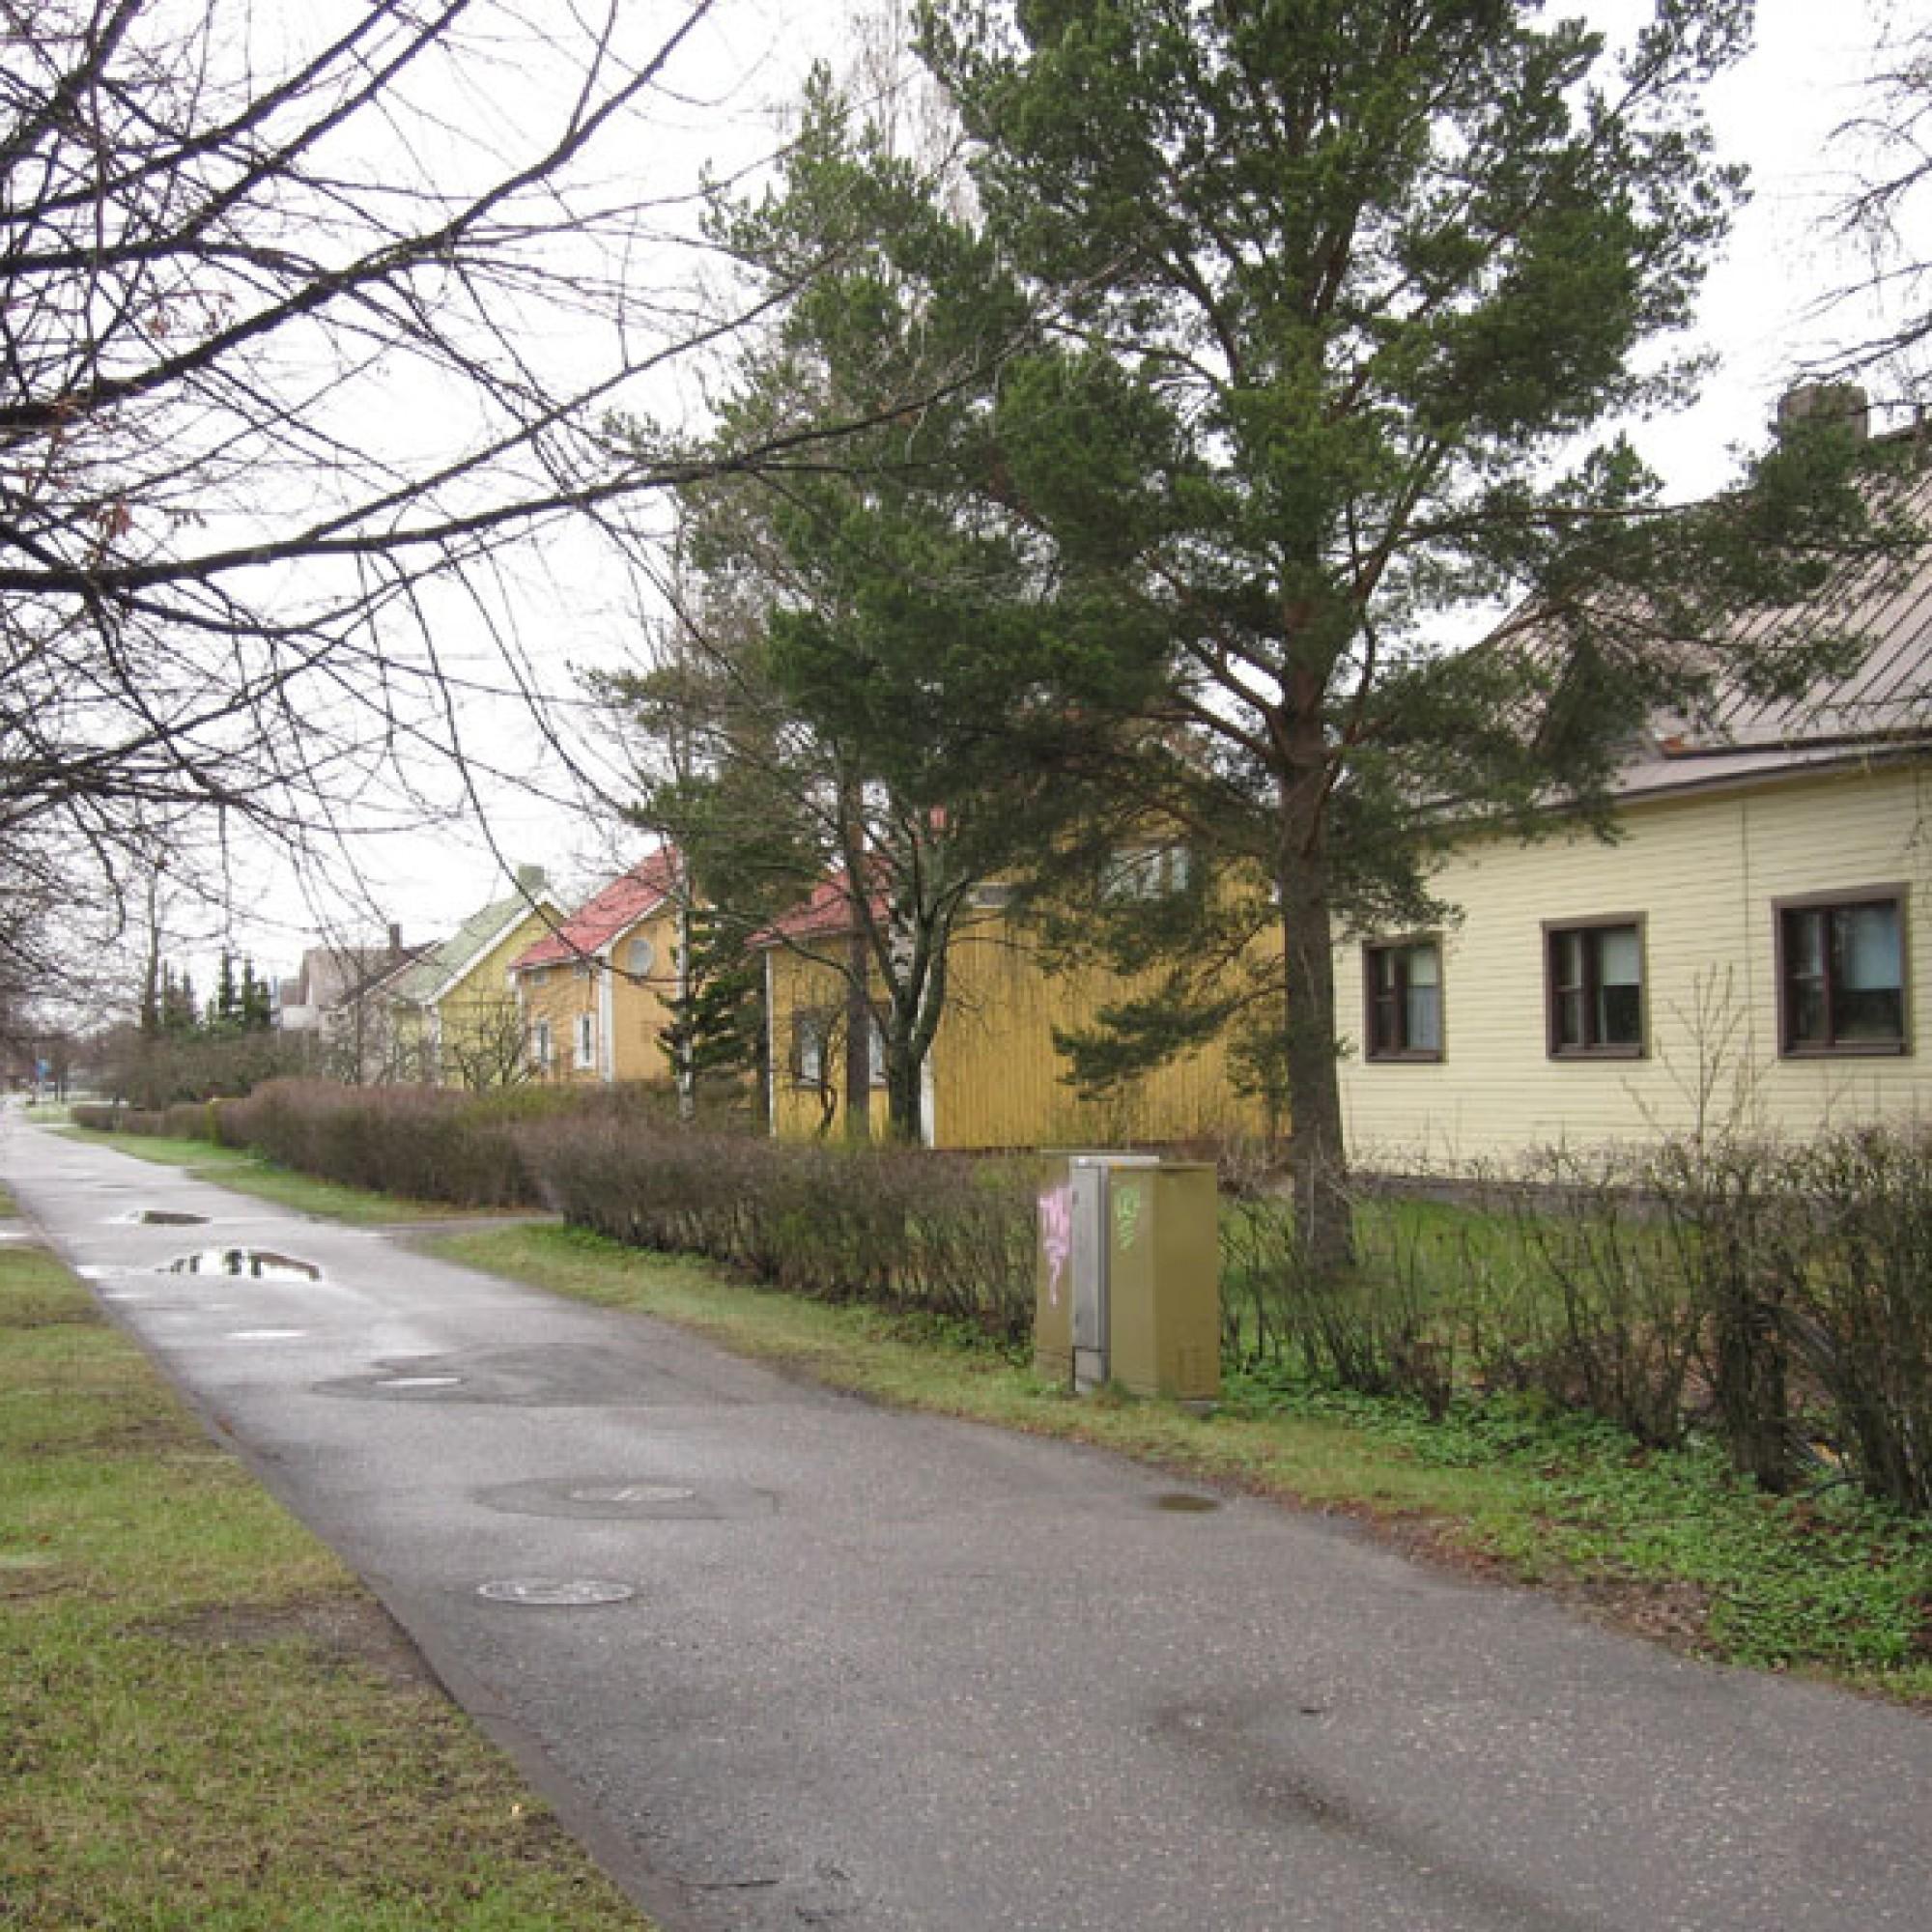 Einfamilienhaus-Quartier (Symbolbild, gemeinfrei, pixabay.com)